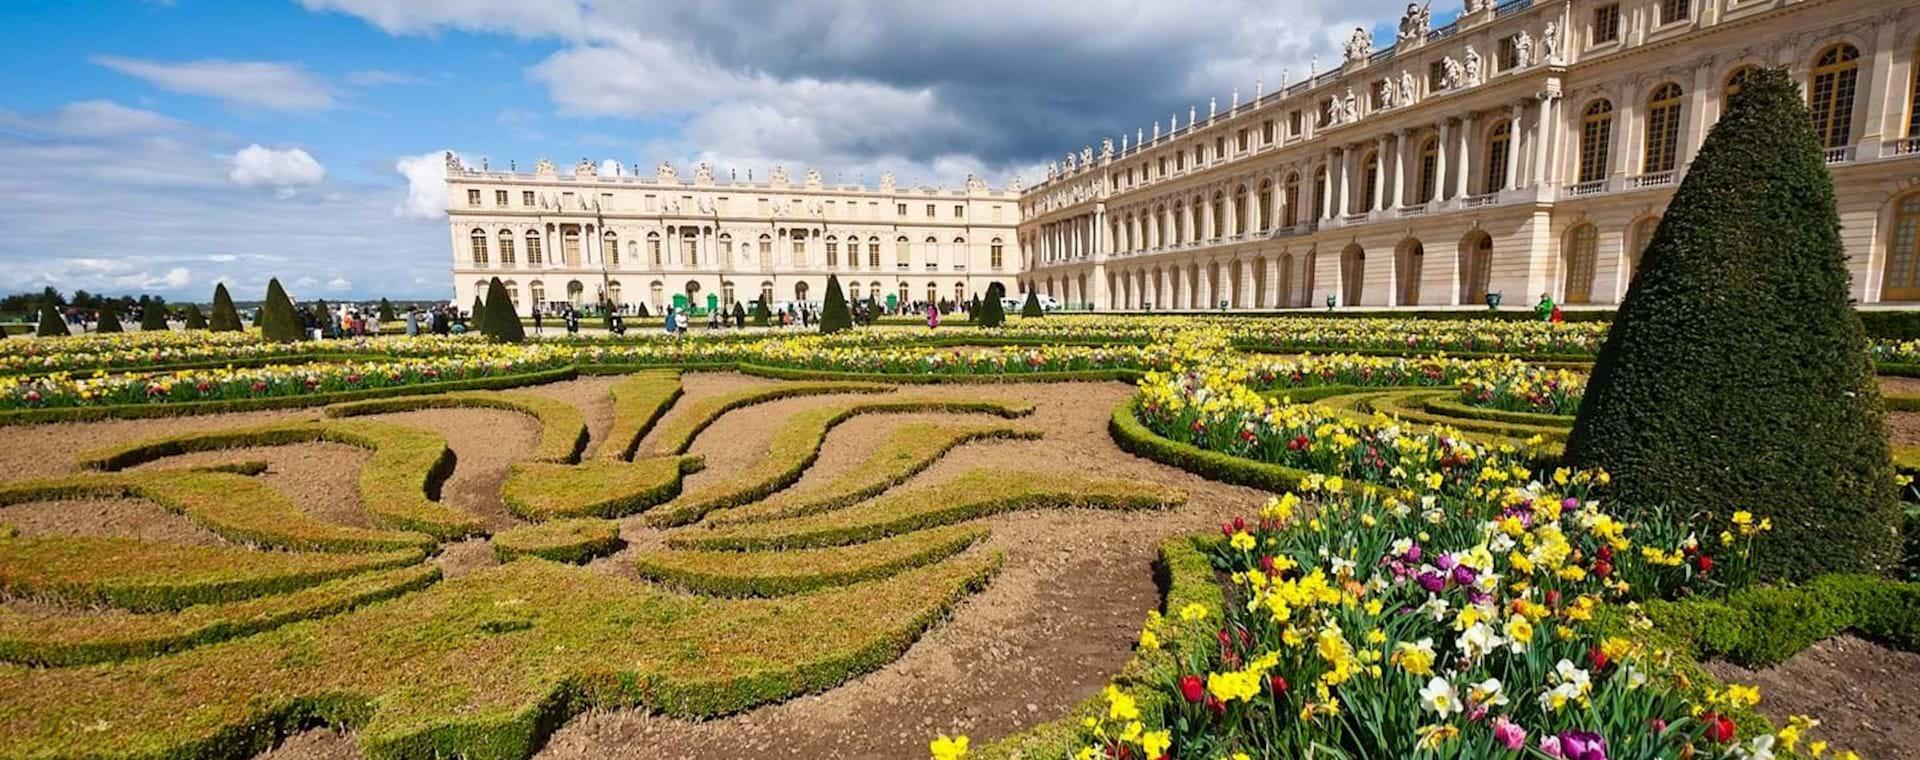 Tour Palacio y Jardines de Versalles con Espectáculo de Fuentes desde Versalles